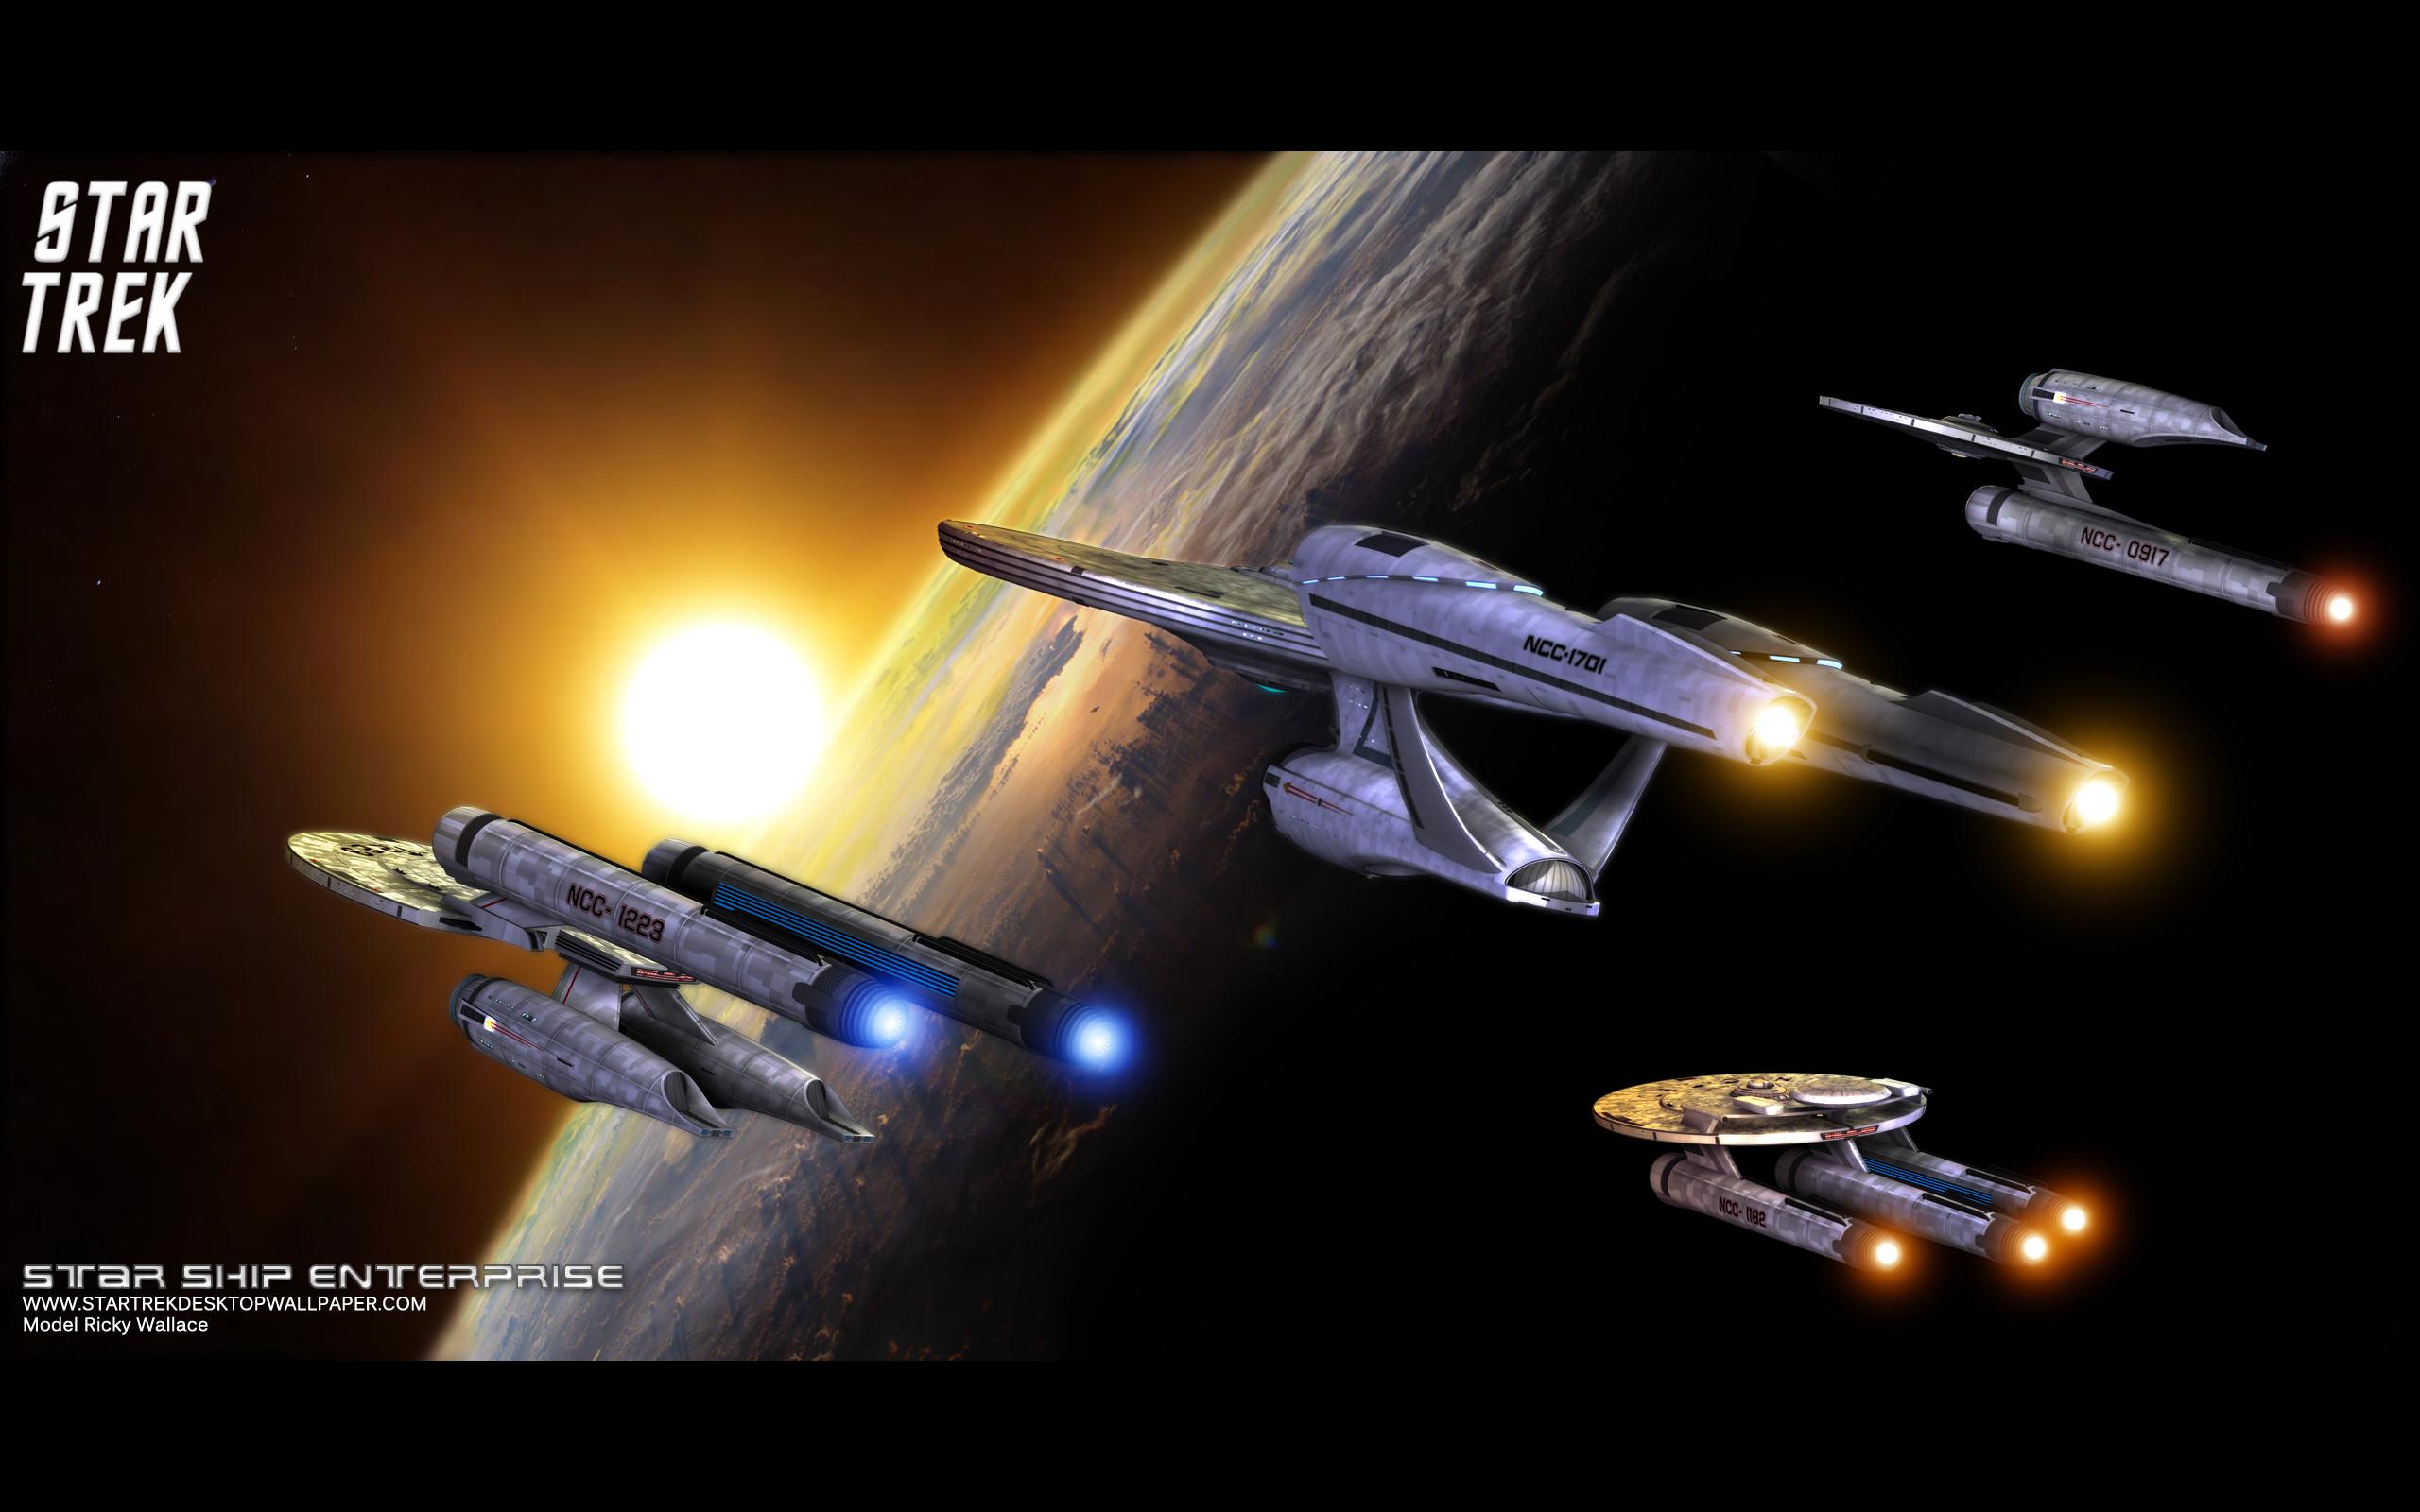 New Star Trek Wallpaper